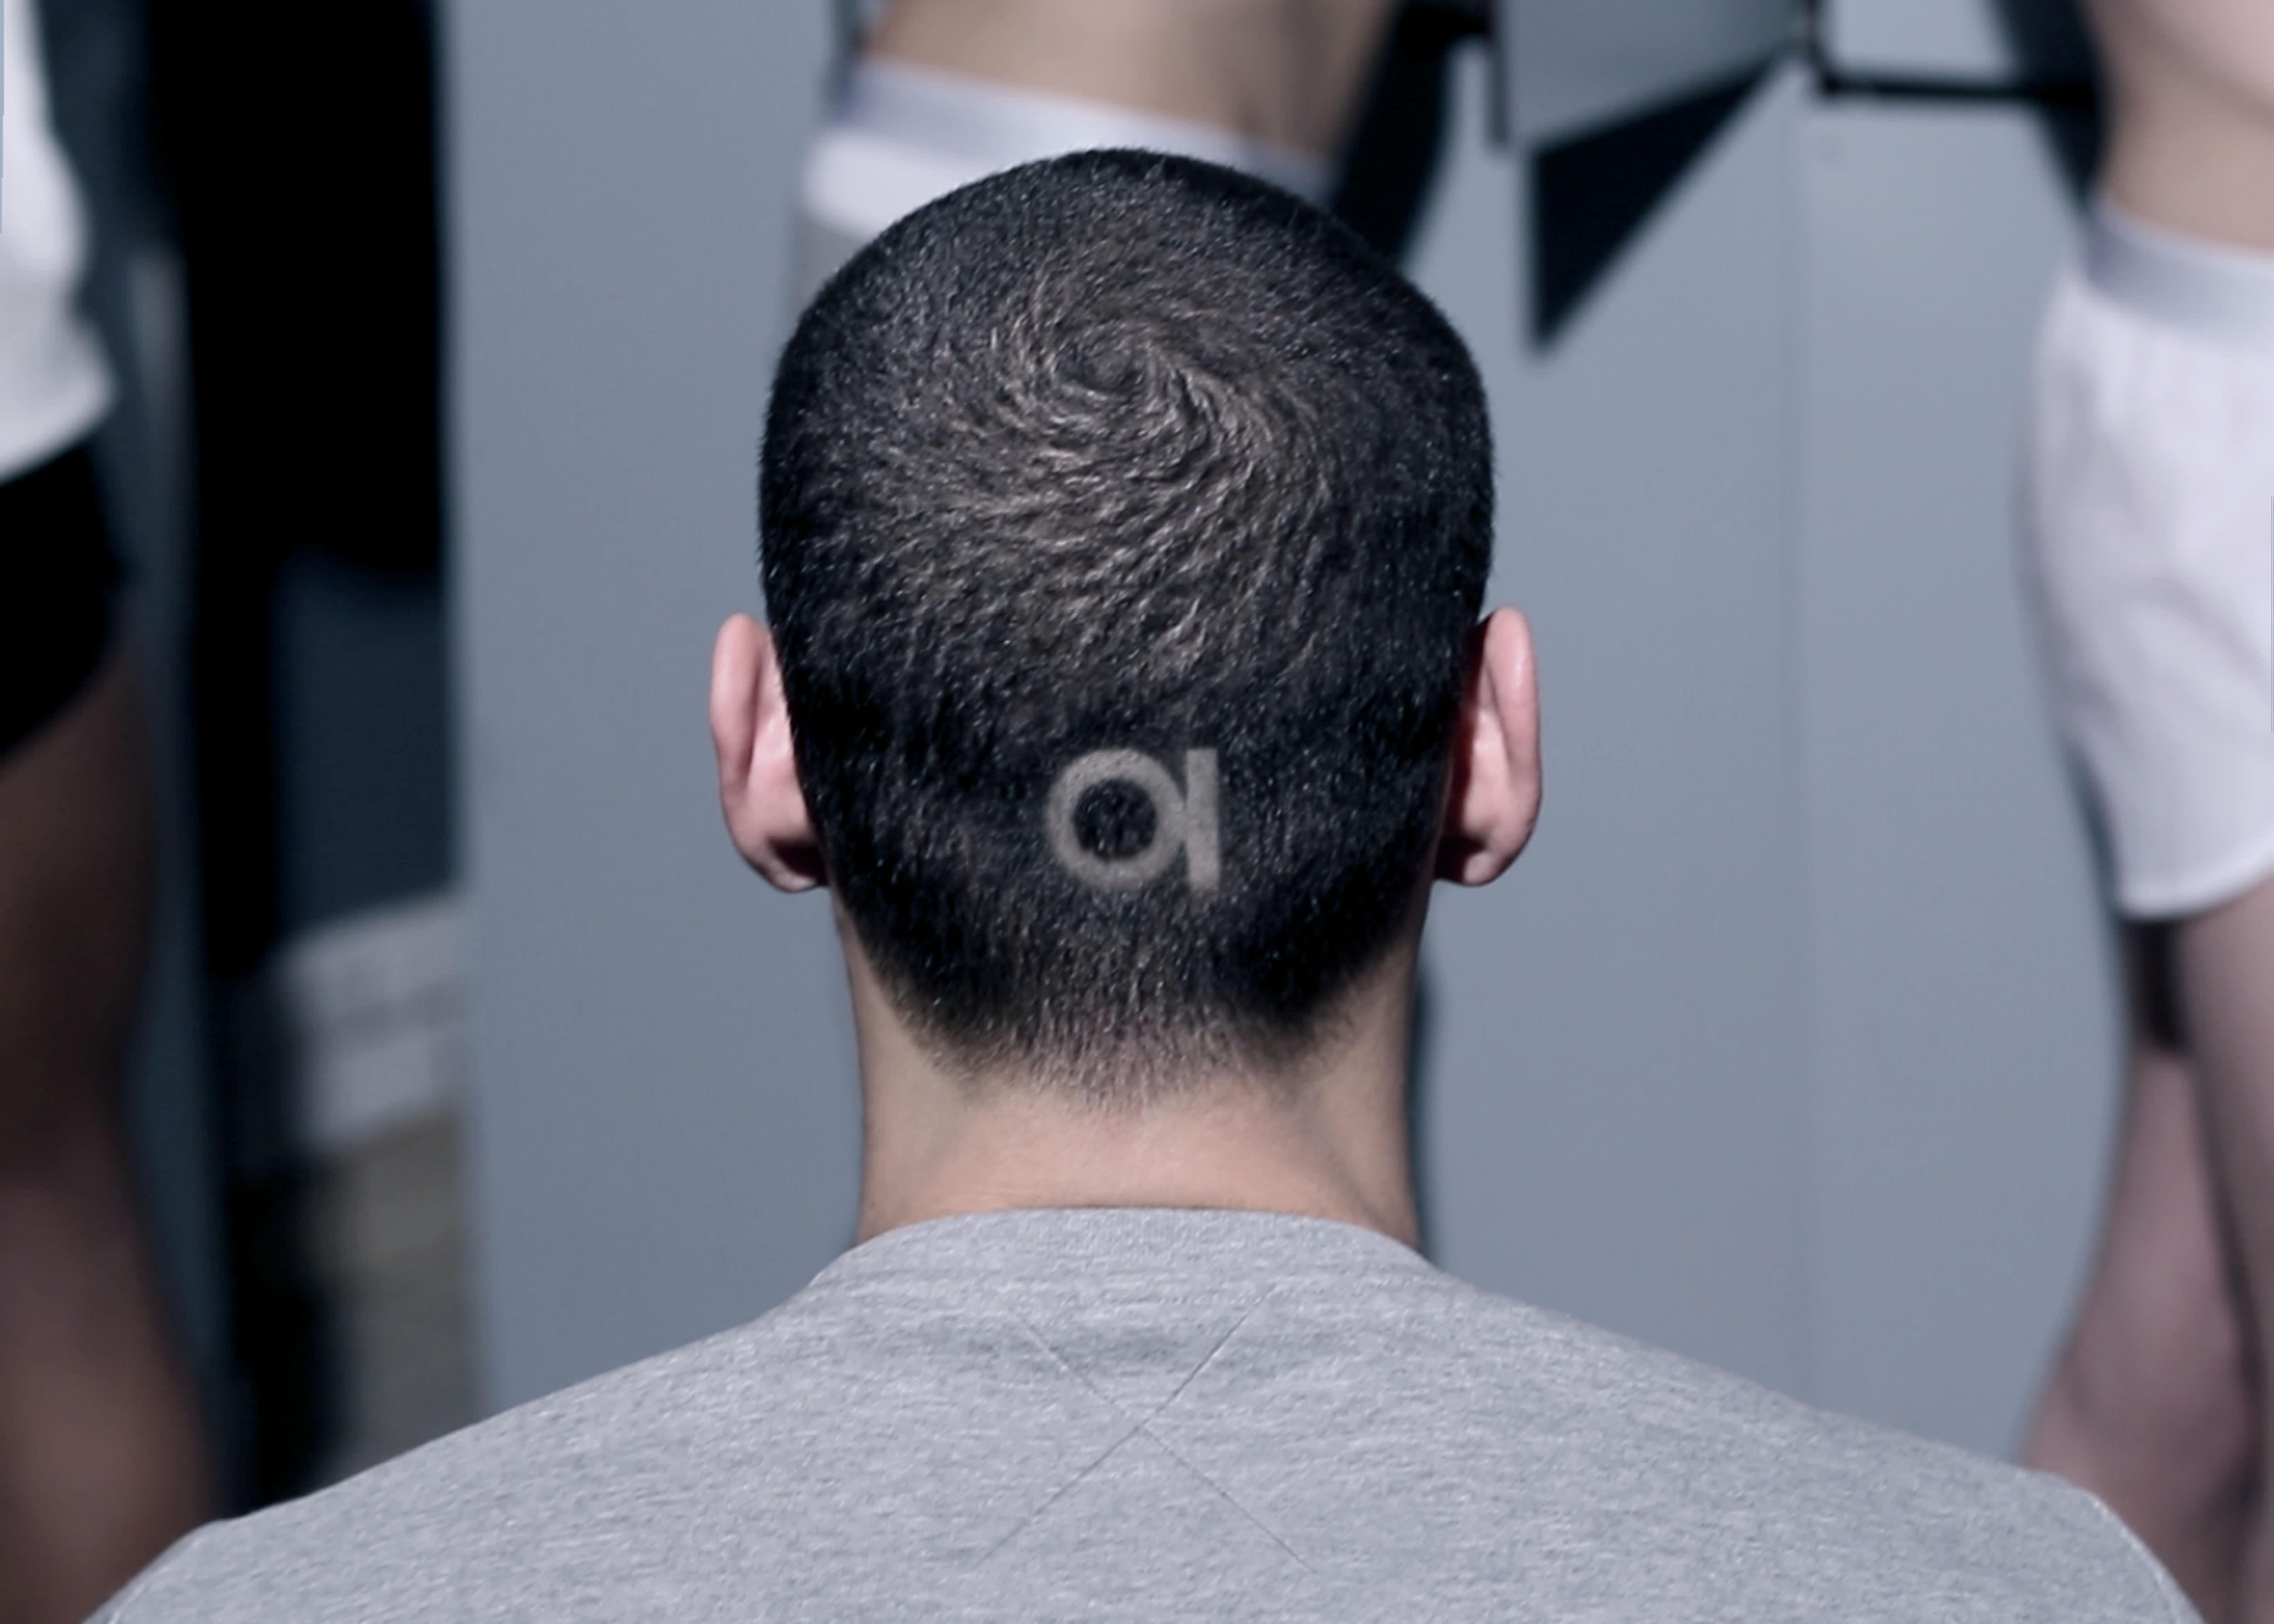 Que signifie ce nouveau logo, ce rond surmonté d'une barre? Il évoque à mes yeux le symbole de l'interrupteur ON/OFF présent aussi bien sur un ordinateur que sur une télévision. Il incarne parfaitement le côté très technologique de mon label avec l'important travail sur les détails métalliques, notamment pour les boutons, et son univers inspiré de l'automobile par les découpes et le minimalisme. Le nom, M.X, lui, fait aussi bien référence à M. X – c'est-à-dire à M. Tout-le-Monde – car je souhaite parler au plus grand nombre, qu'à la notion de désir et d'interdit. La séduction est très présente dans cette première collection, même si elle sait se faire discrète.  M.XMaxime Simoëns devrait ouvrir une boutique à la rentrée dans le Marais à Paris. www.mxparis.fr  Propos recueillis par Thibaut Wychowanok